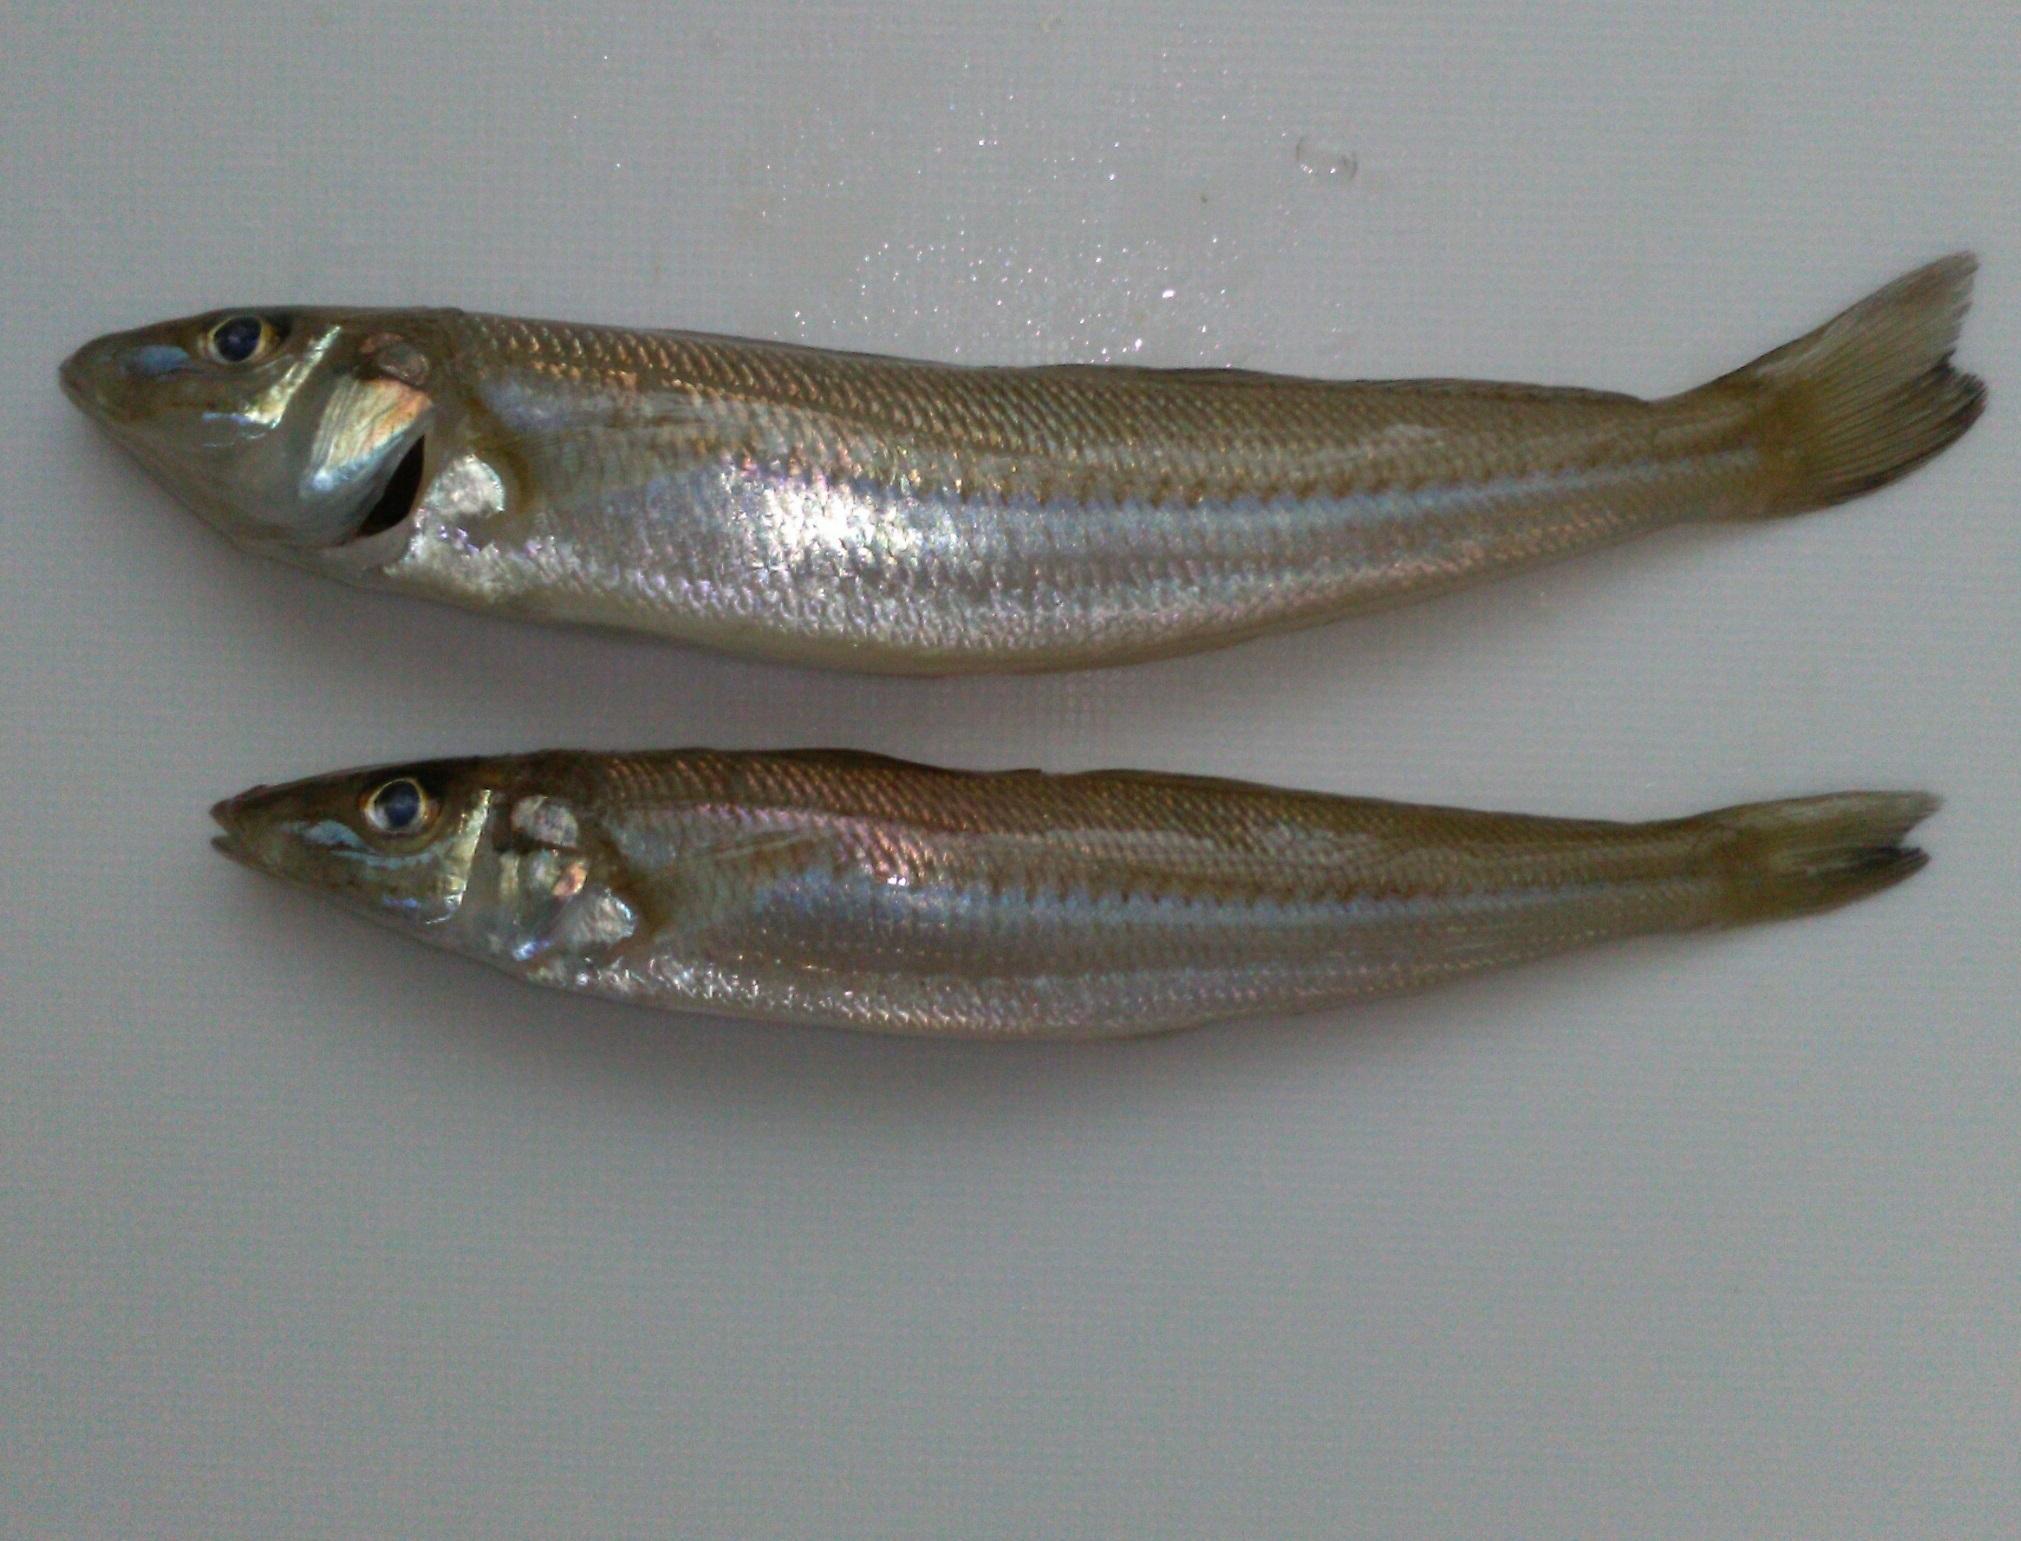 短時間でしたがキス釣れました。2匹だけでしたが他にもキスらしいアタリいくつかありました。またサビキでは豆アジも釣れていましたよ。